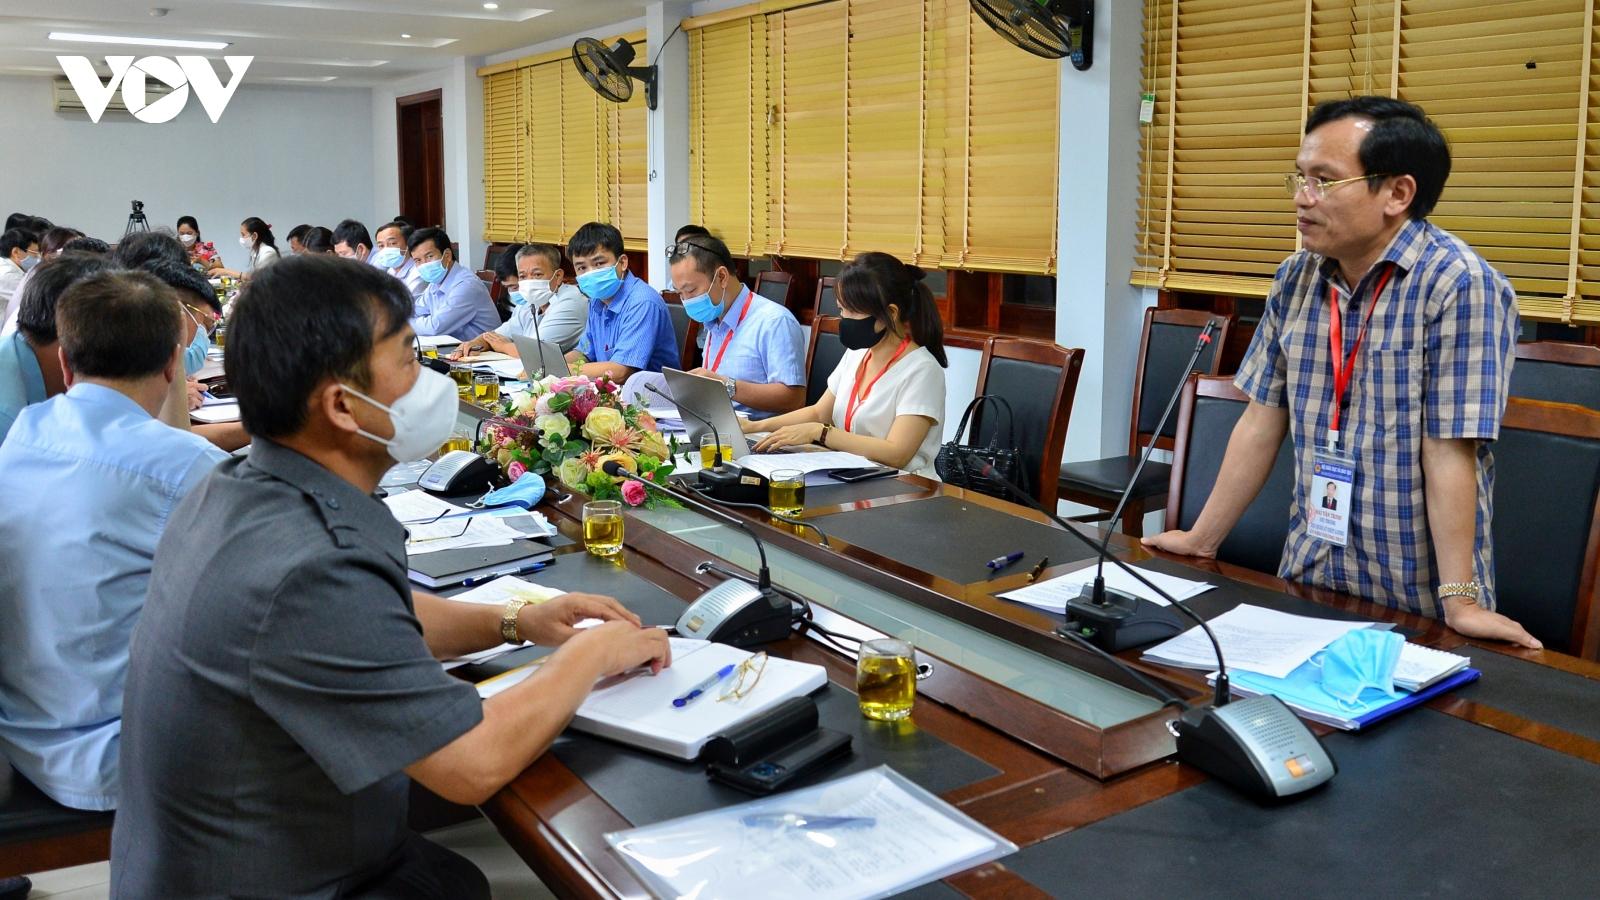 Bộ Giáo dục và Đào tạo làm việc với tỉnh Điện Biên về đảm bảo kỳ thi tốt nghiệp THPT